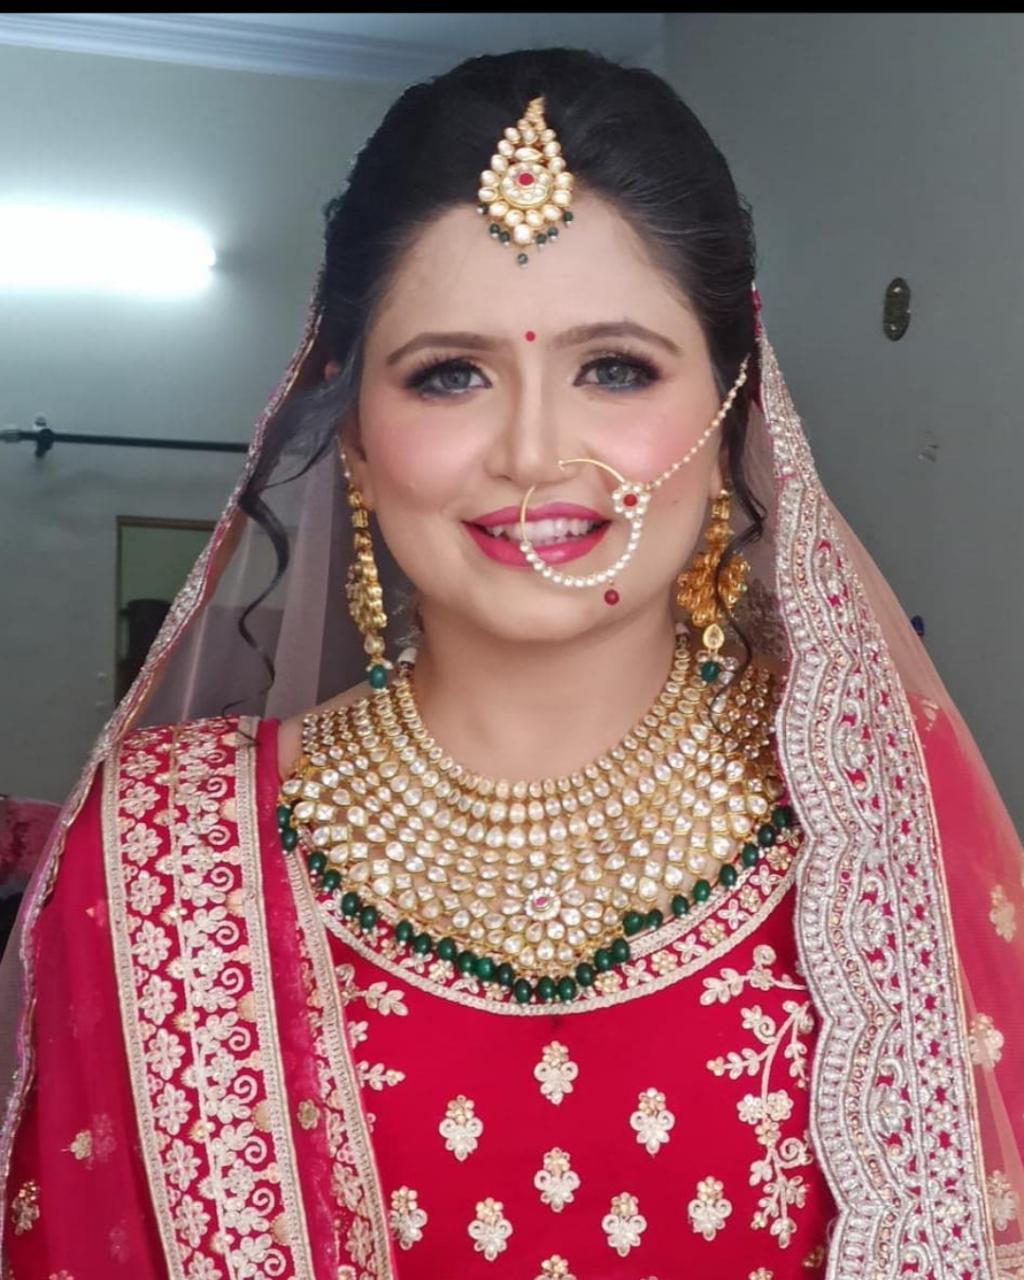 nidhi-singh-makeup-artist-jaipur